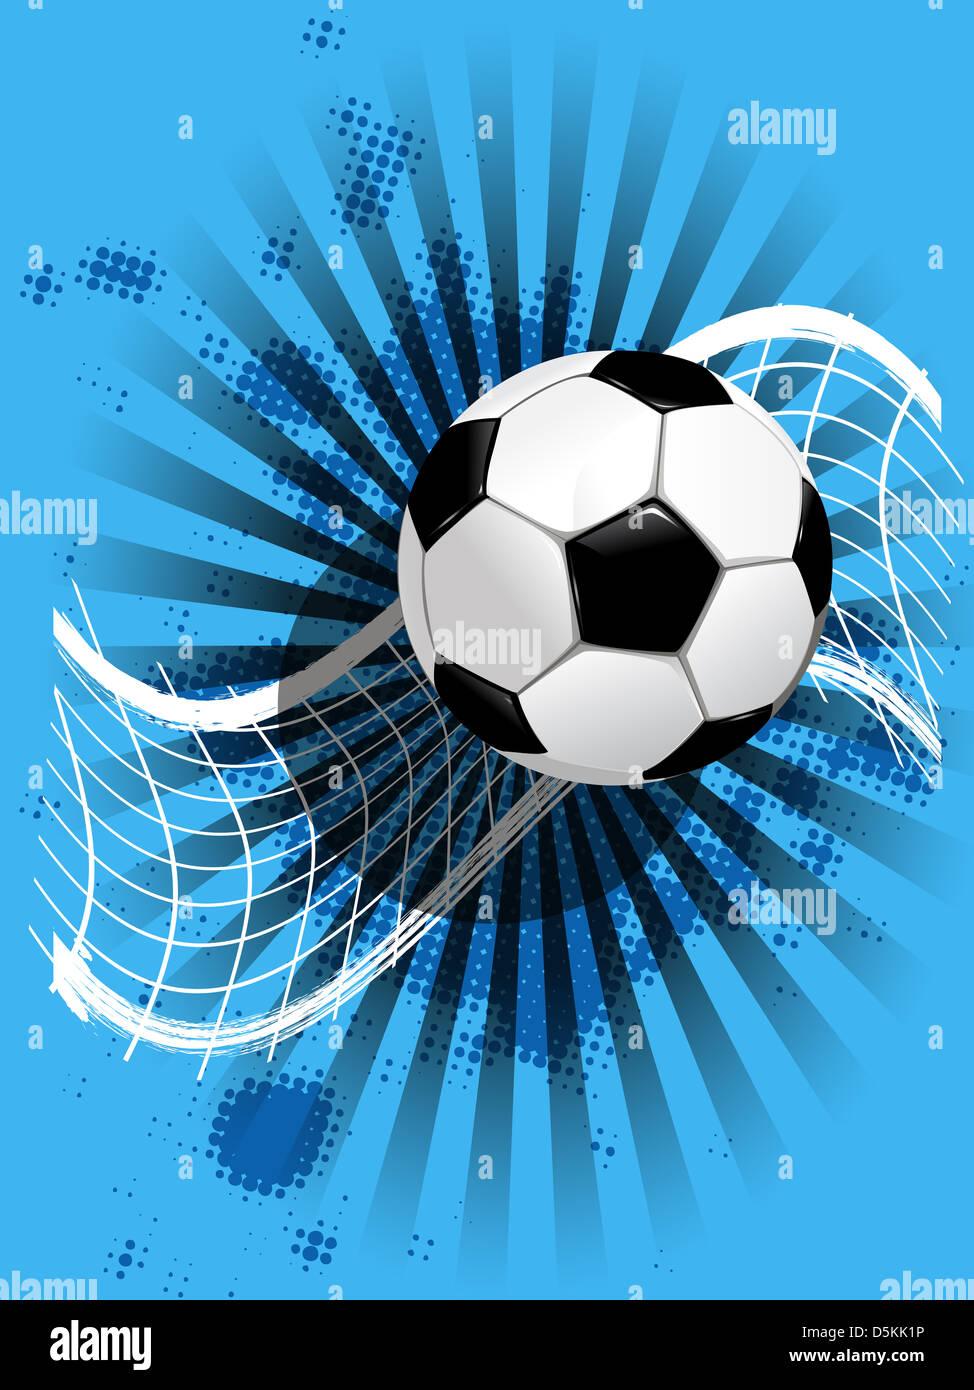 Illustrazione Pallone Da Calcio E Net Su Sfondo Blu Foto Immagine